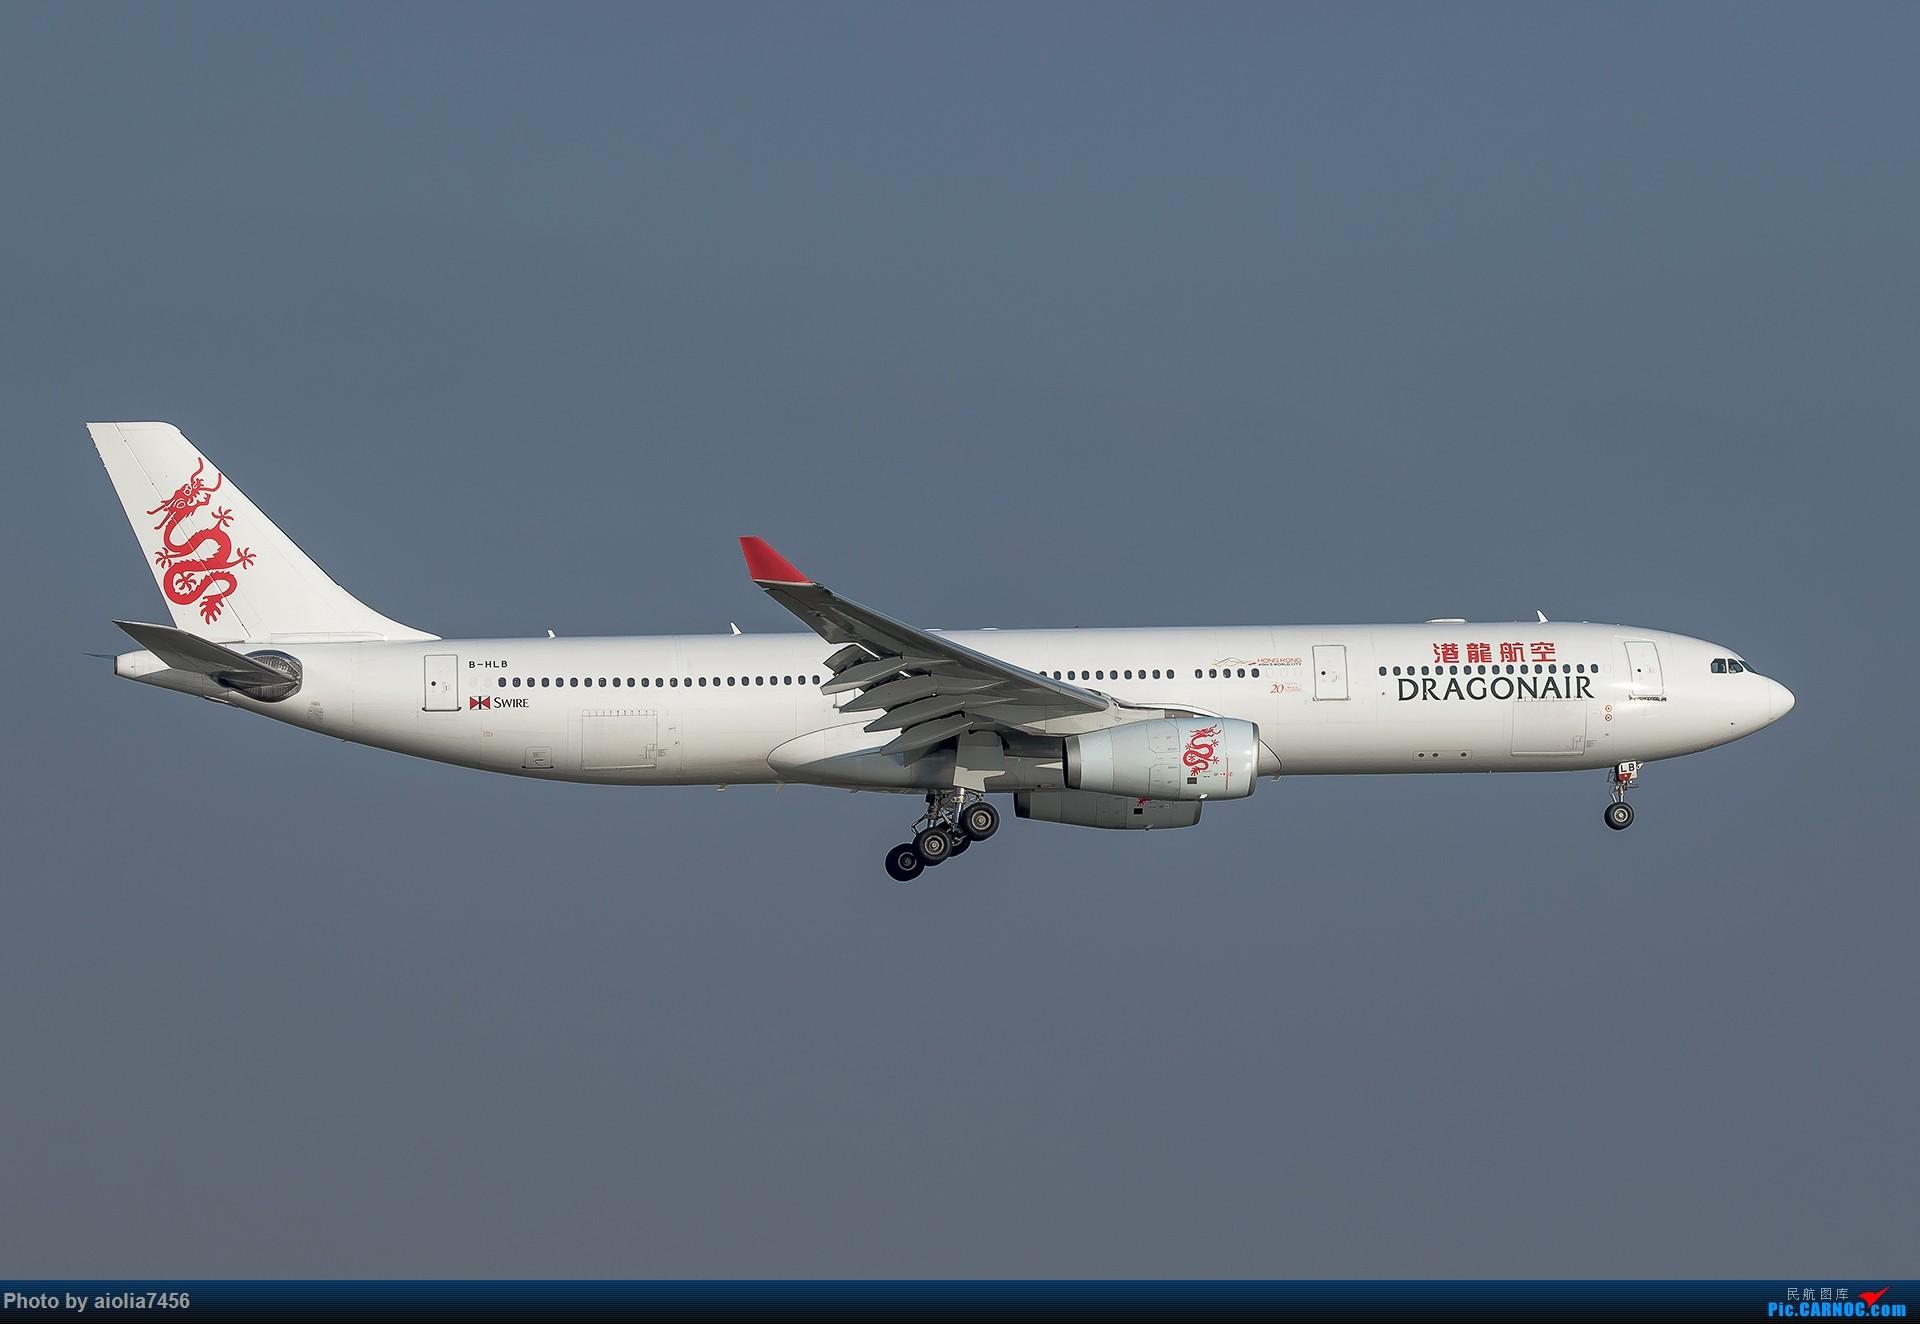 Re:[原创][霸都打机队]摸摸怀中的7D2,好宝宝,跟了新的主人你要乖乖听话哦,离开我之前,我带你逛一圈ZSSS,最后一次陪我看看那些我们不怎么看得到的宽体吧。 AIRBUS A330-300 B-HLB 中国上海虹桥国际机场